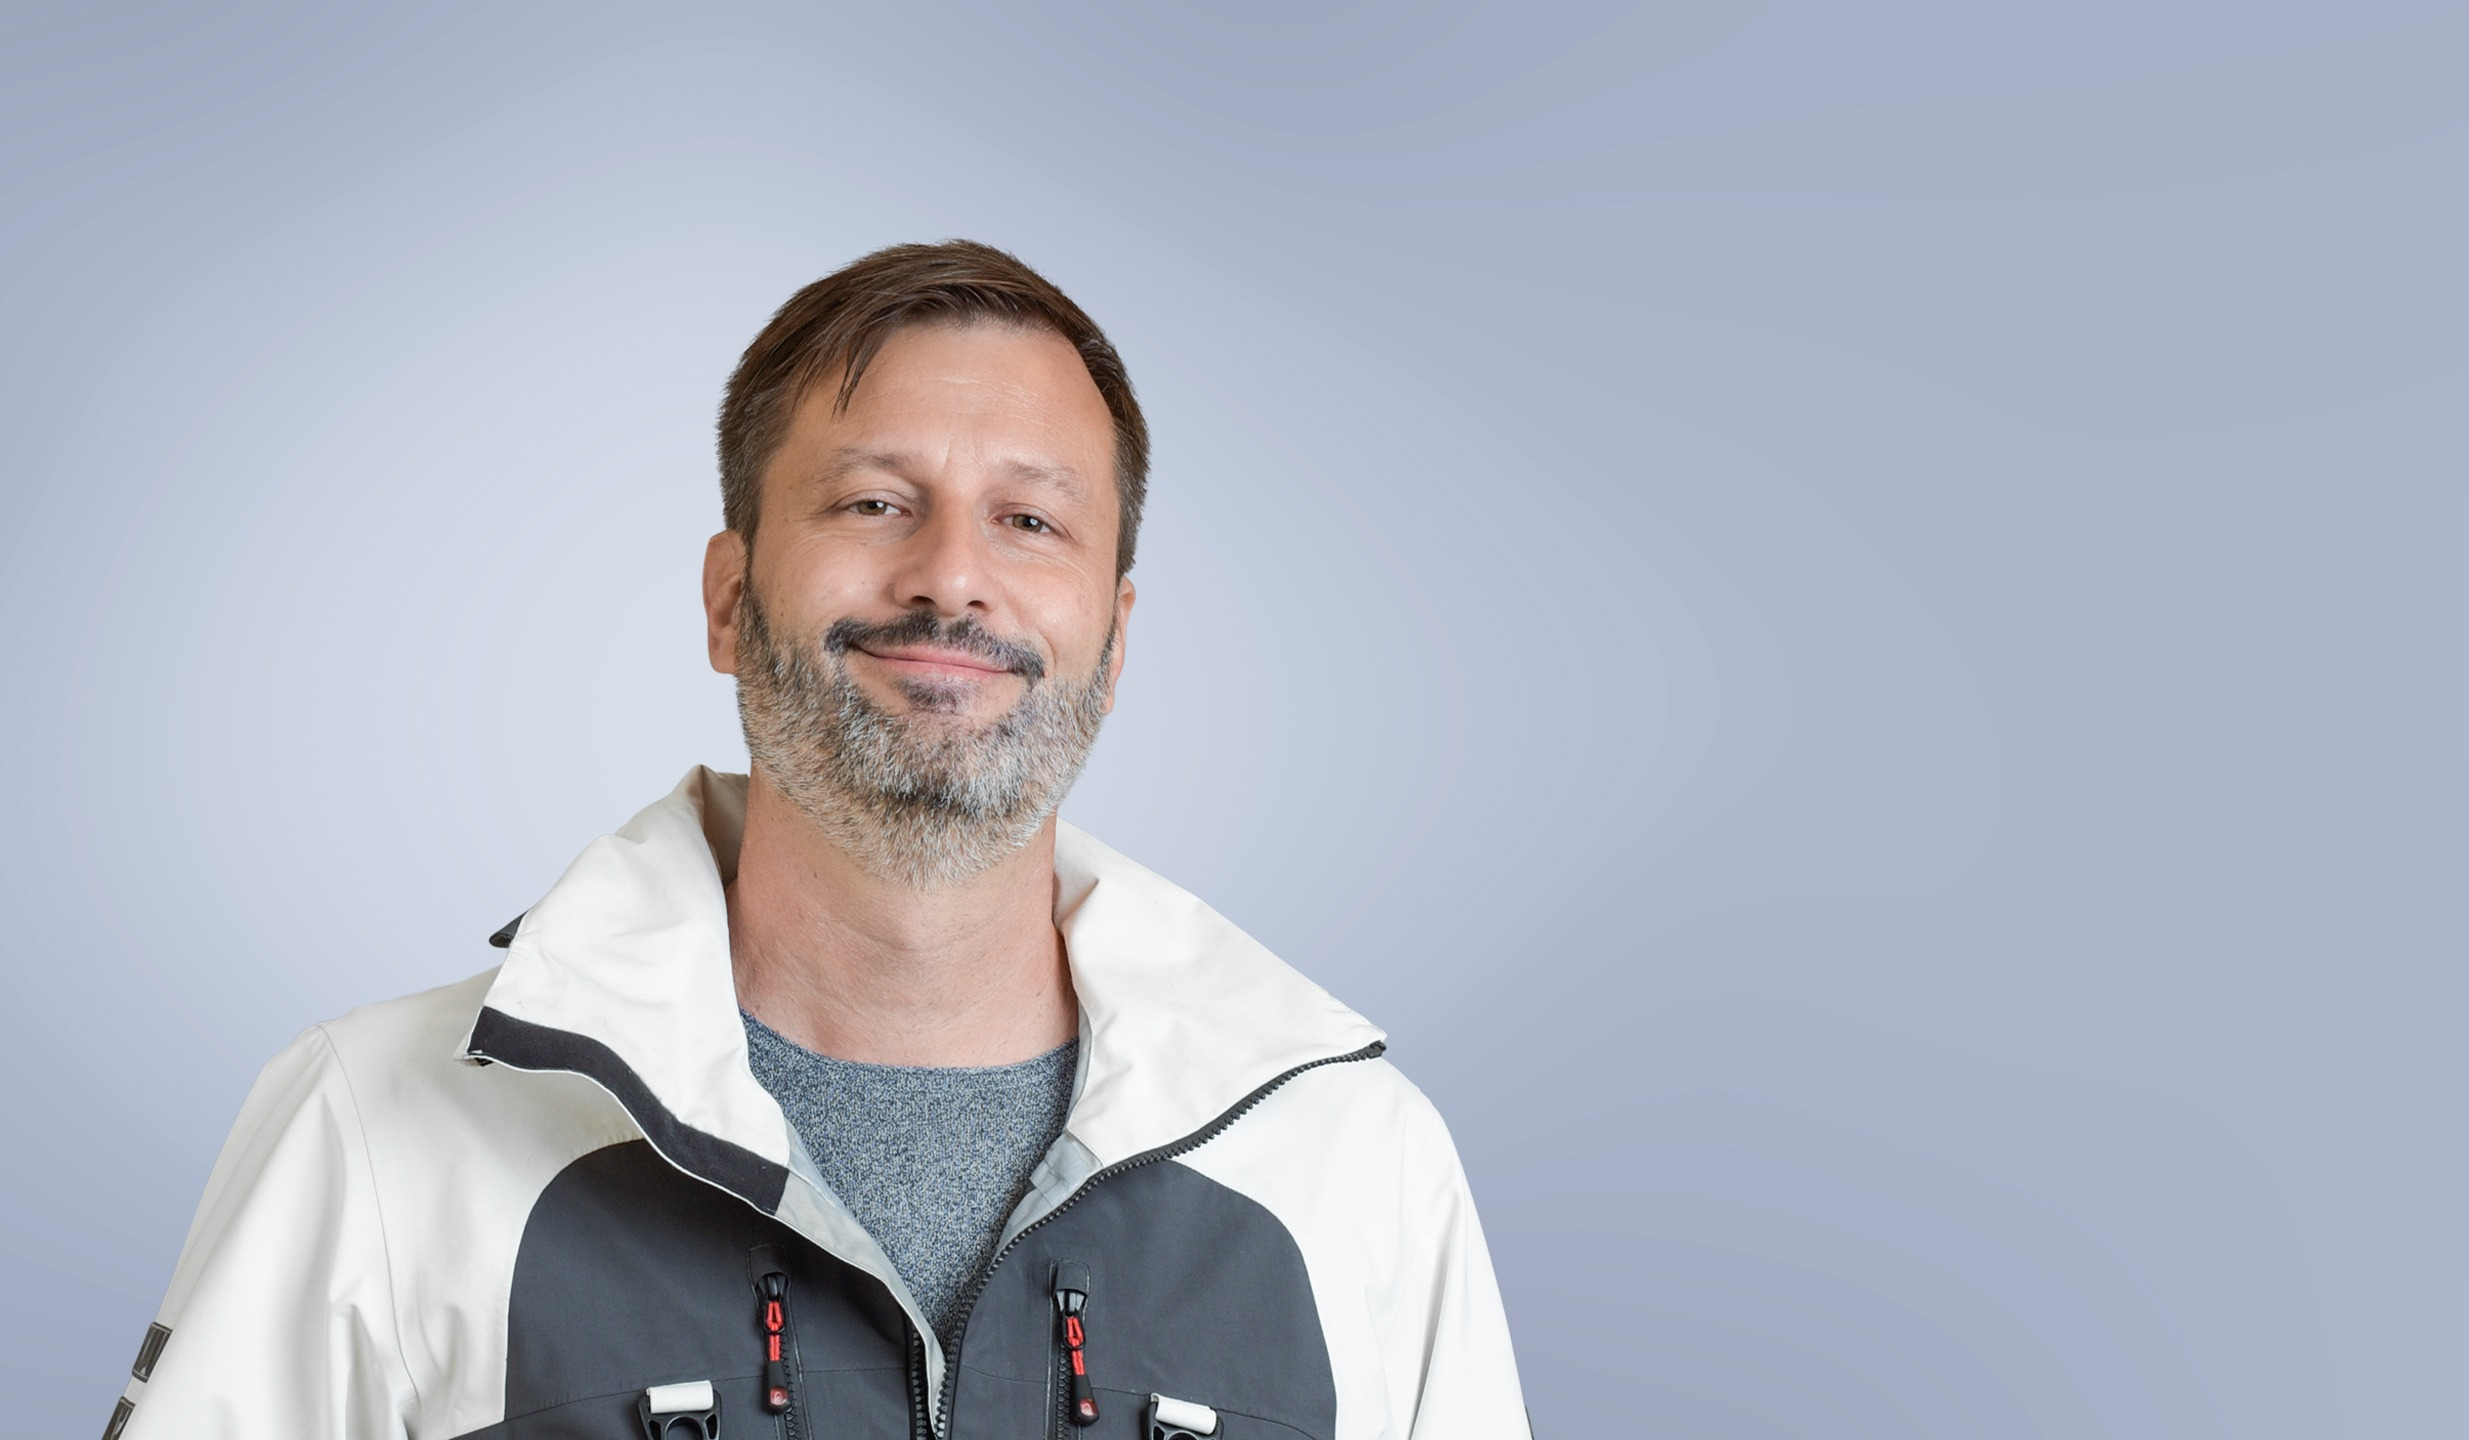 Michael Herrmann, Senior Project Manager, Digitale Strategie entwickeln, Transformation, Digitale Geschäftsprozesse